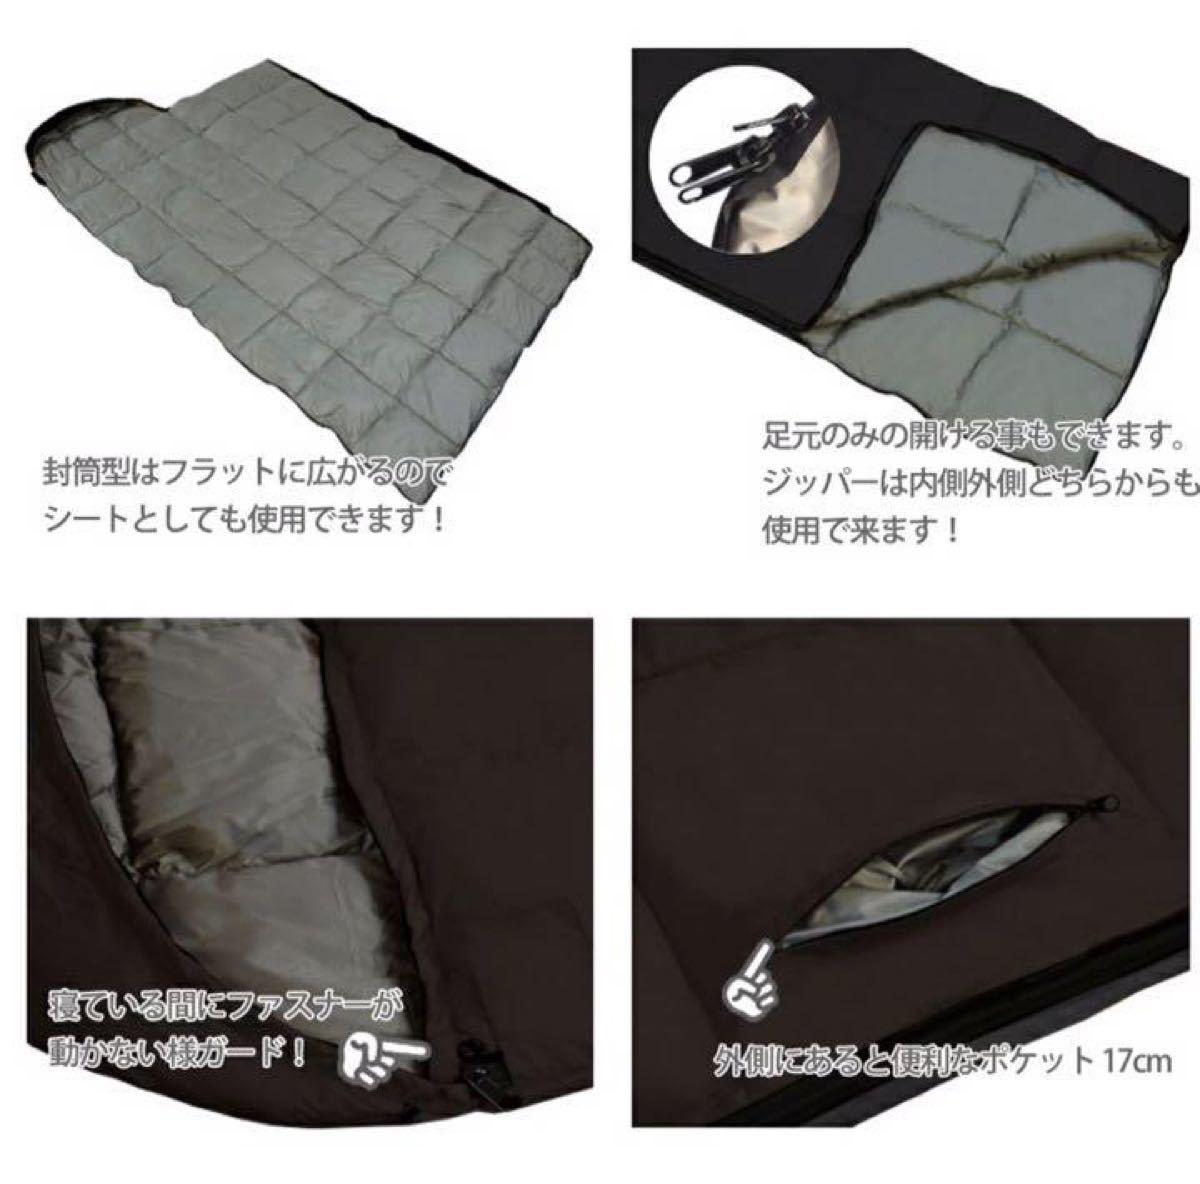 冬用 寝袋 極暖 -25℃ ダウン 迷彩 シュラフ 丸洗い 封筒型 キャンプ